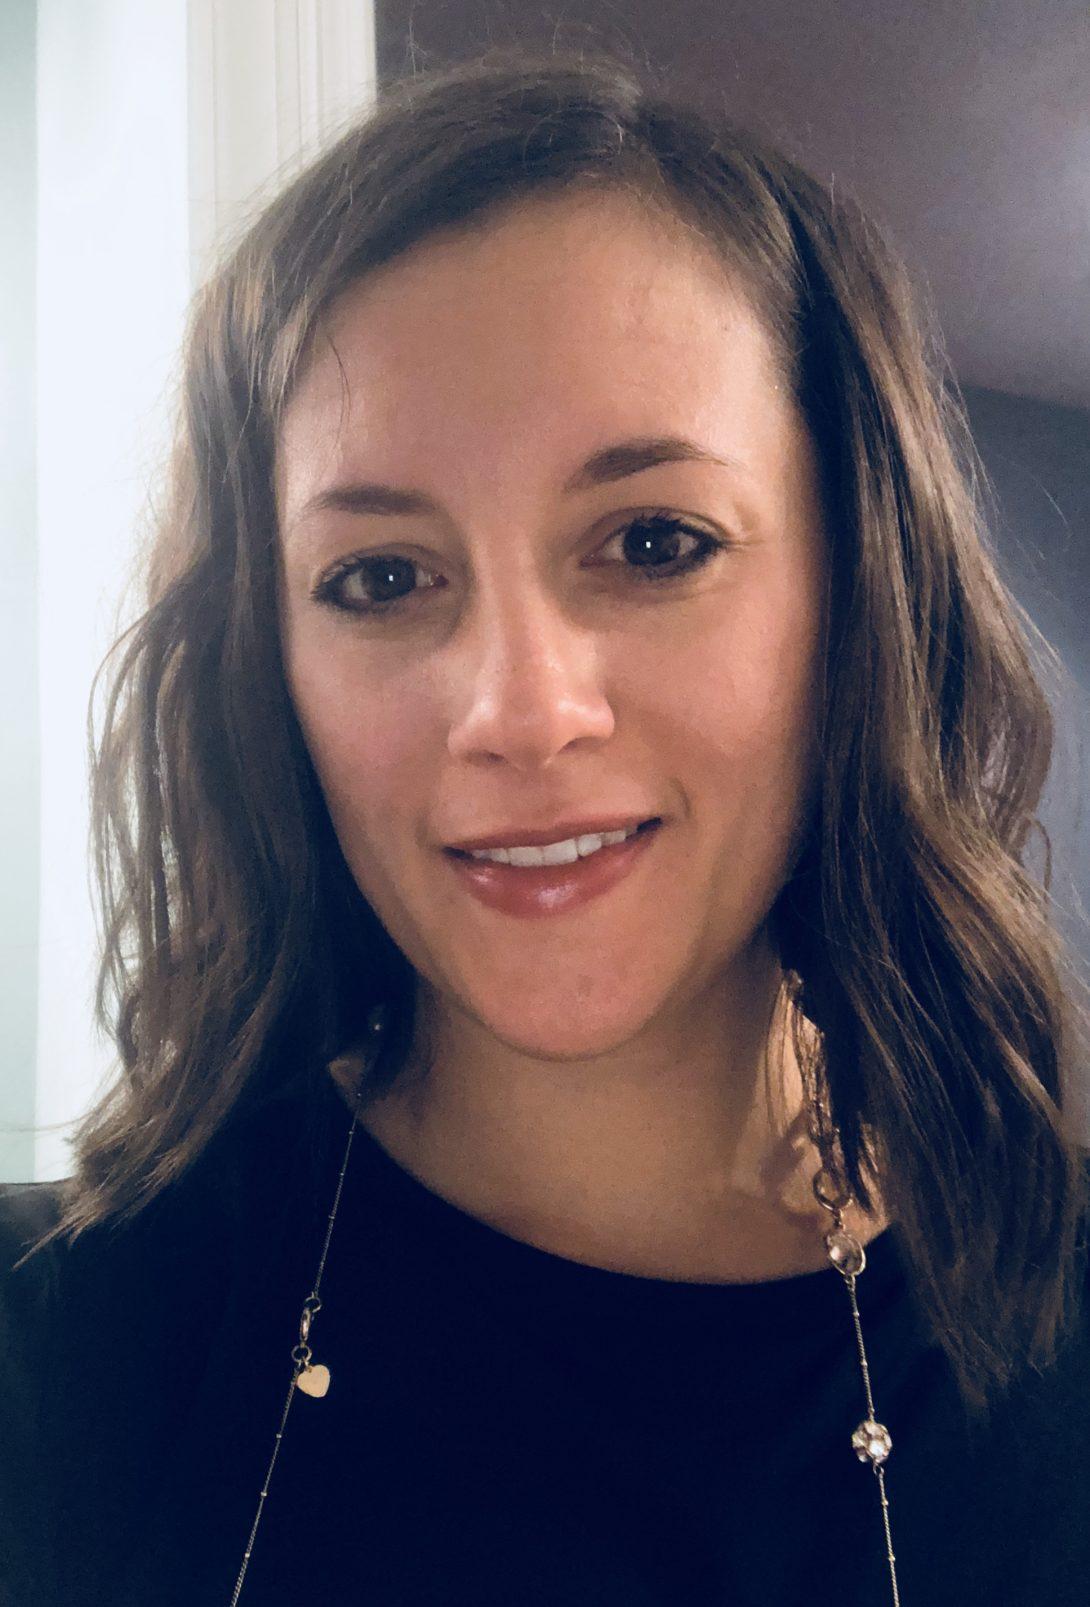 Kristin Abner